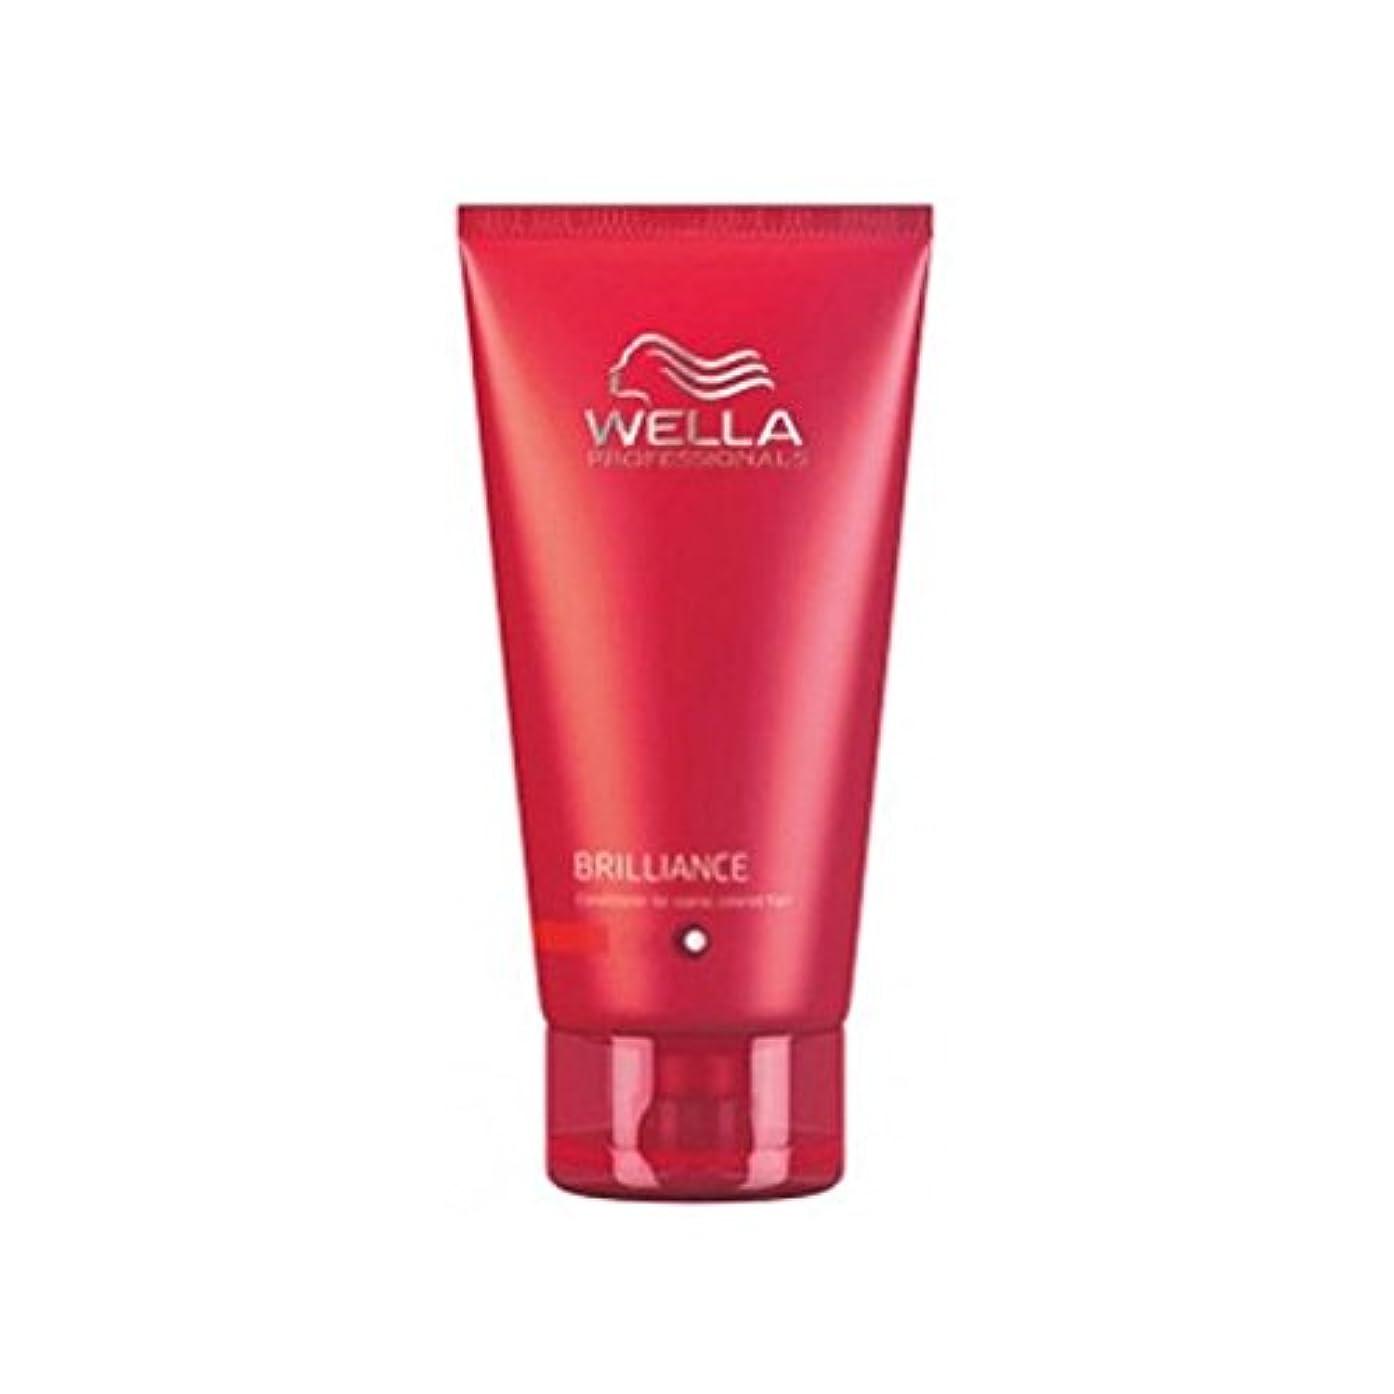 接ぎ木割り当てるエラーWella Professionals Brilliance Conditioner For Fine To Normal, Coloured Hair (200ml) - ウェラの専門家が通常に細かいためのコンディショナー...